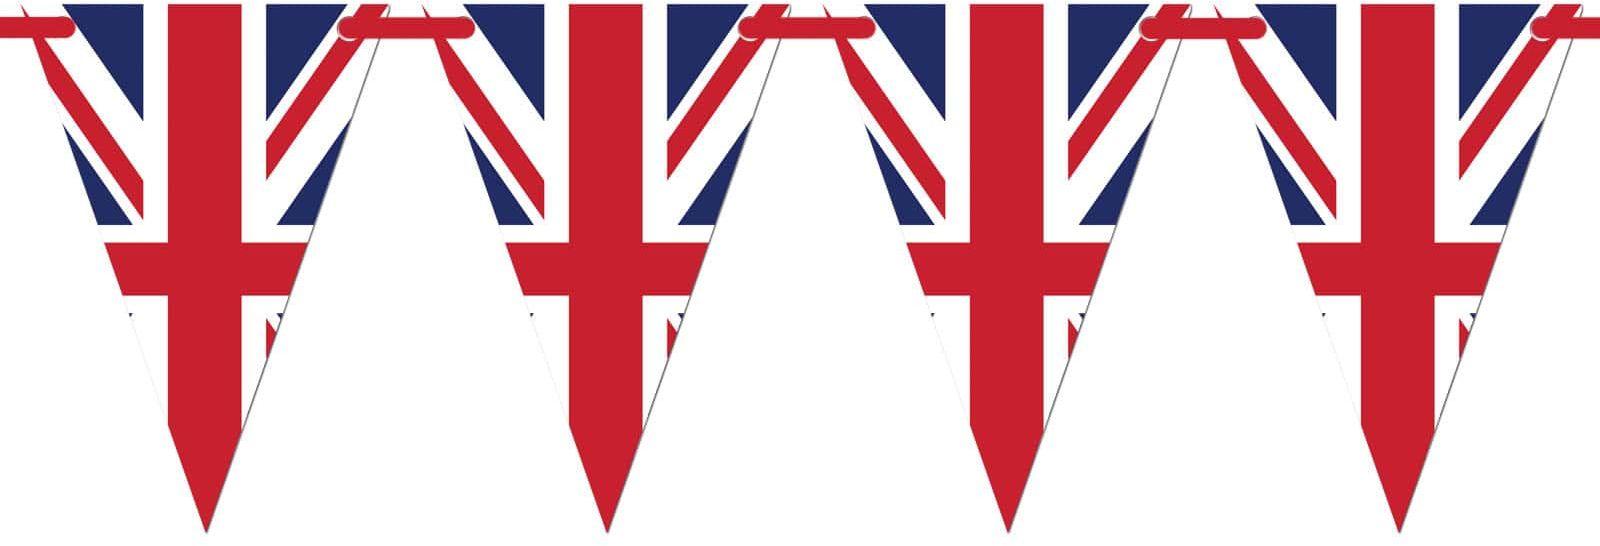 Baner wiszący Flaga Wielkiej Brytanii - 5 m